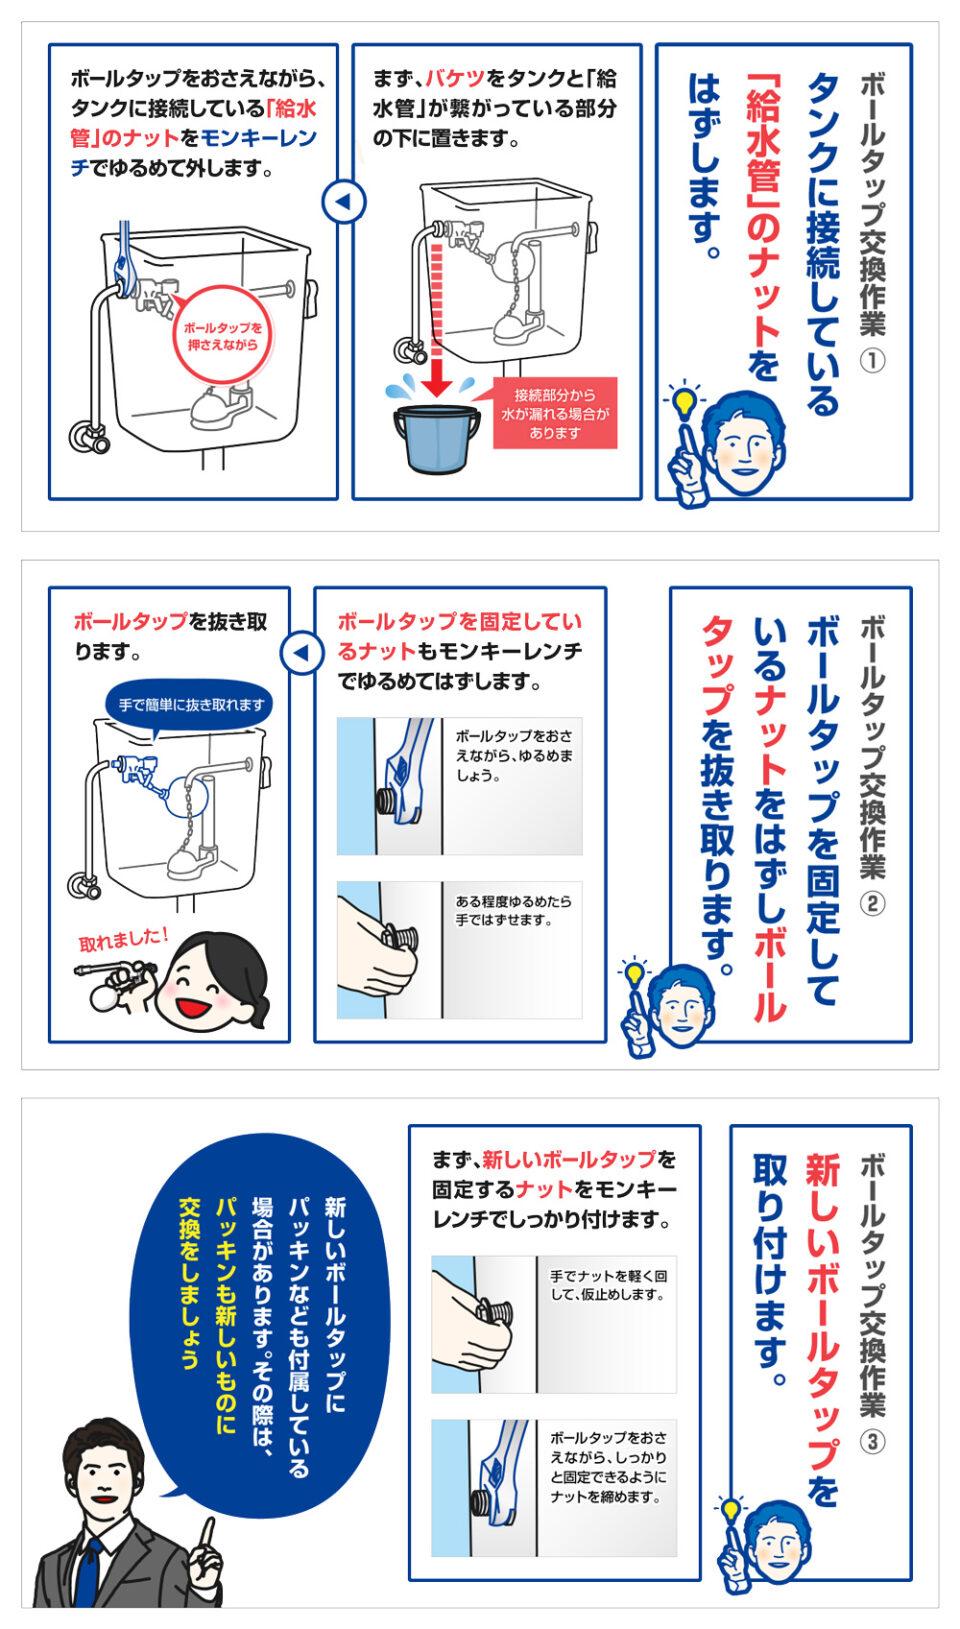 トイレタンクの水漏れ修理方法-6